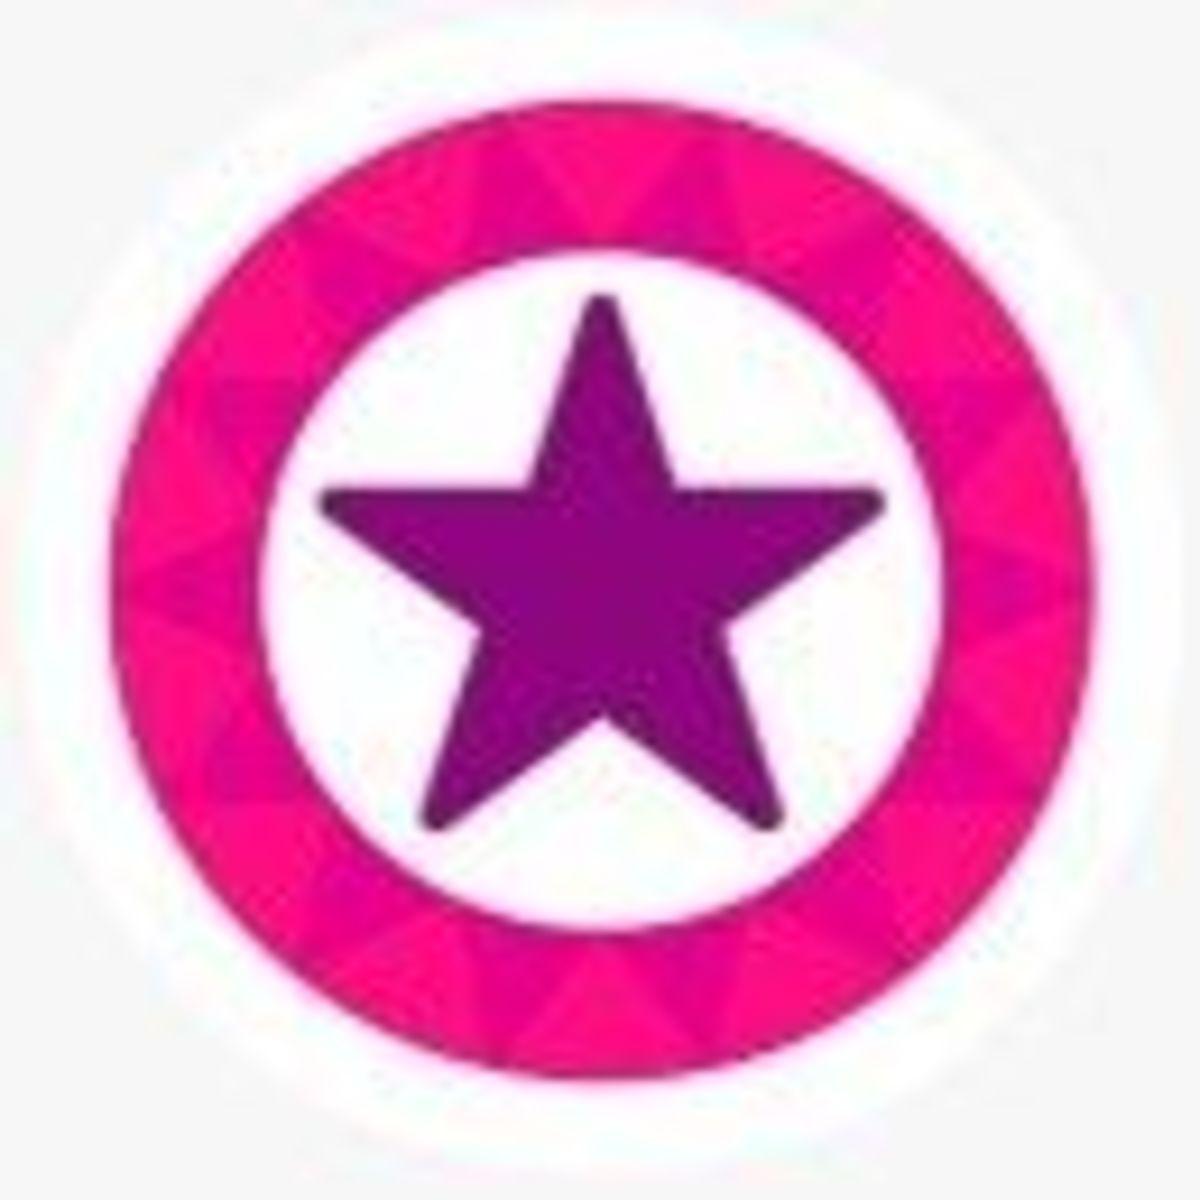 purple-star-trophy